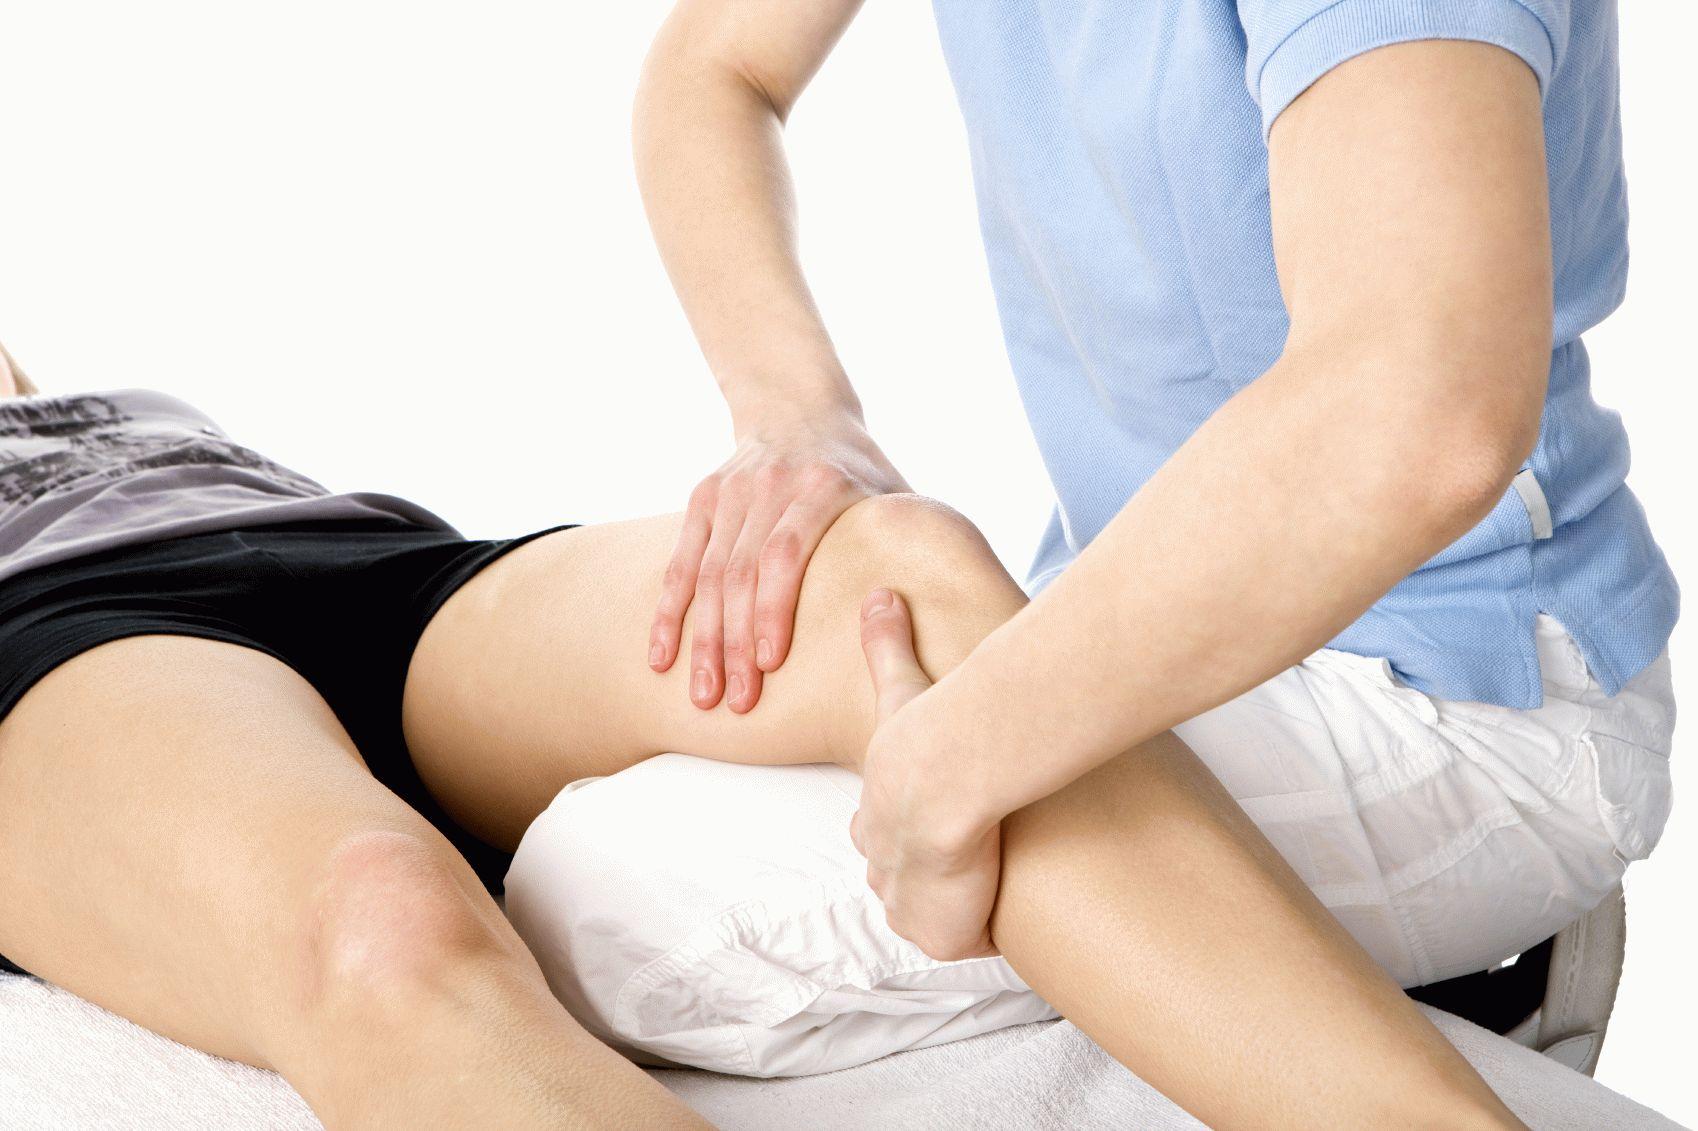 Картинки массажа коленных суставов медицинские аппараты для лечения артроза коленного сустава отличается от артрита